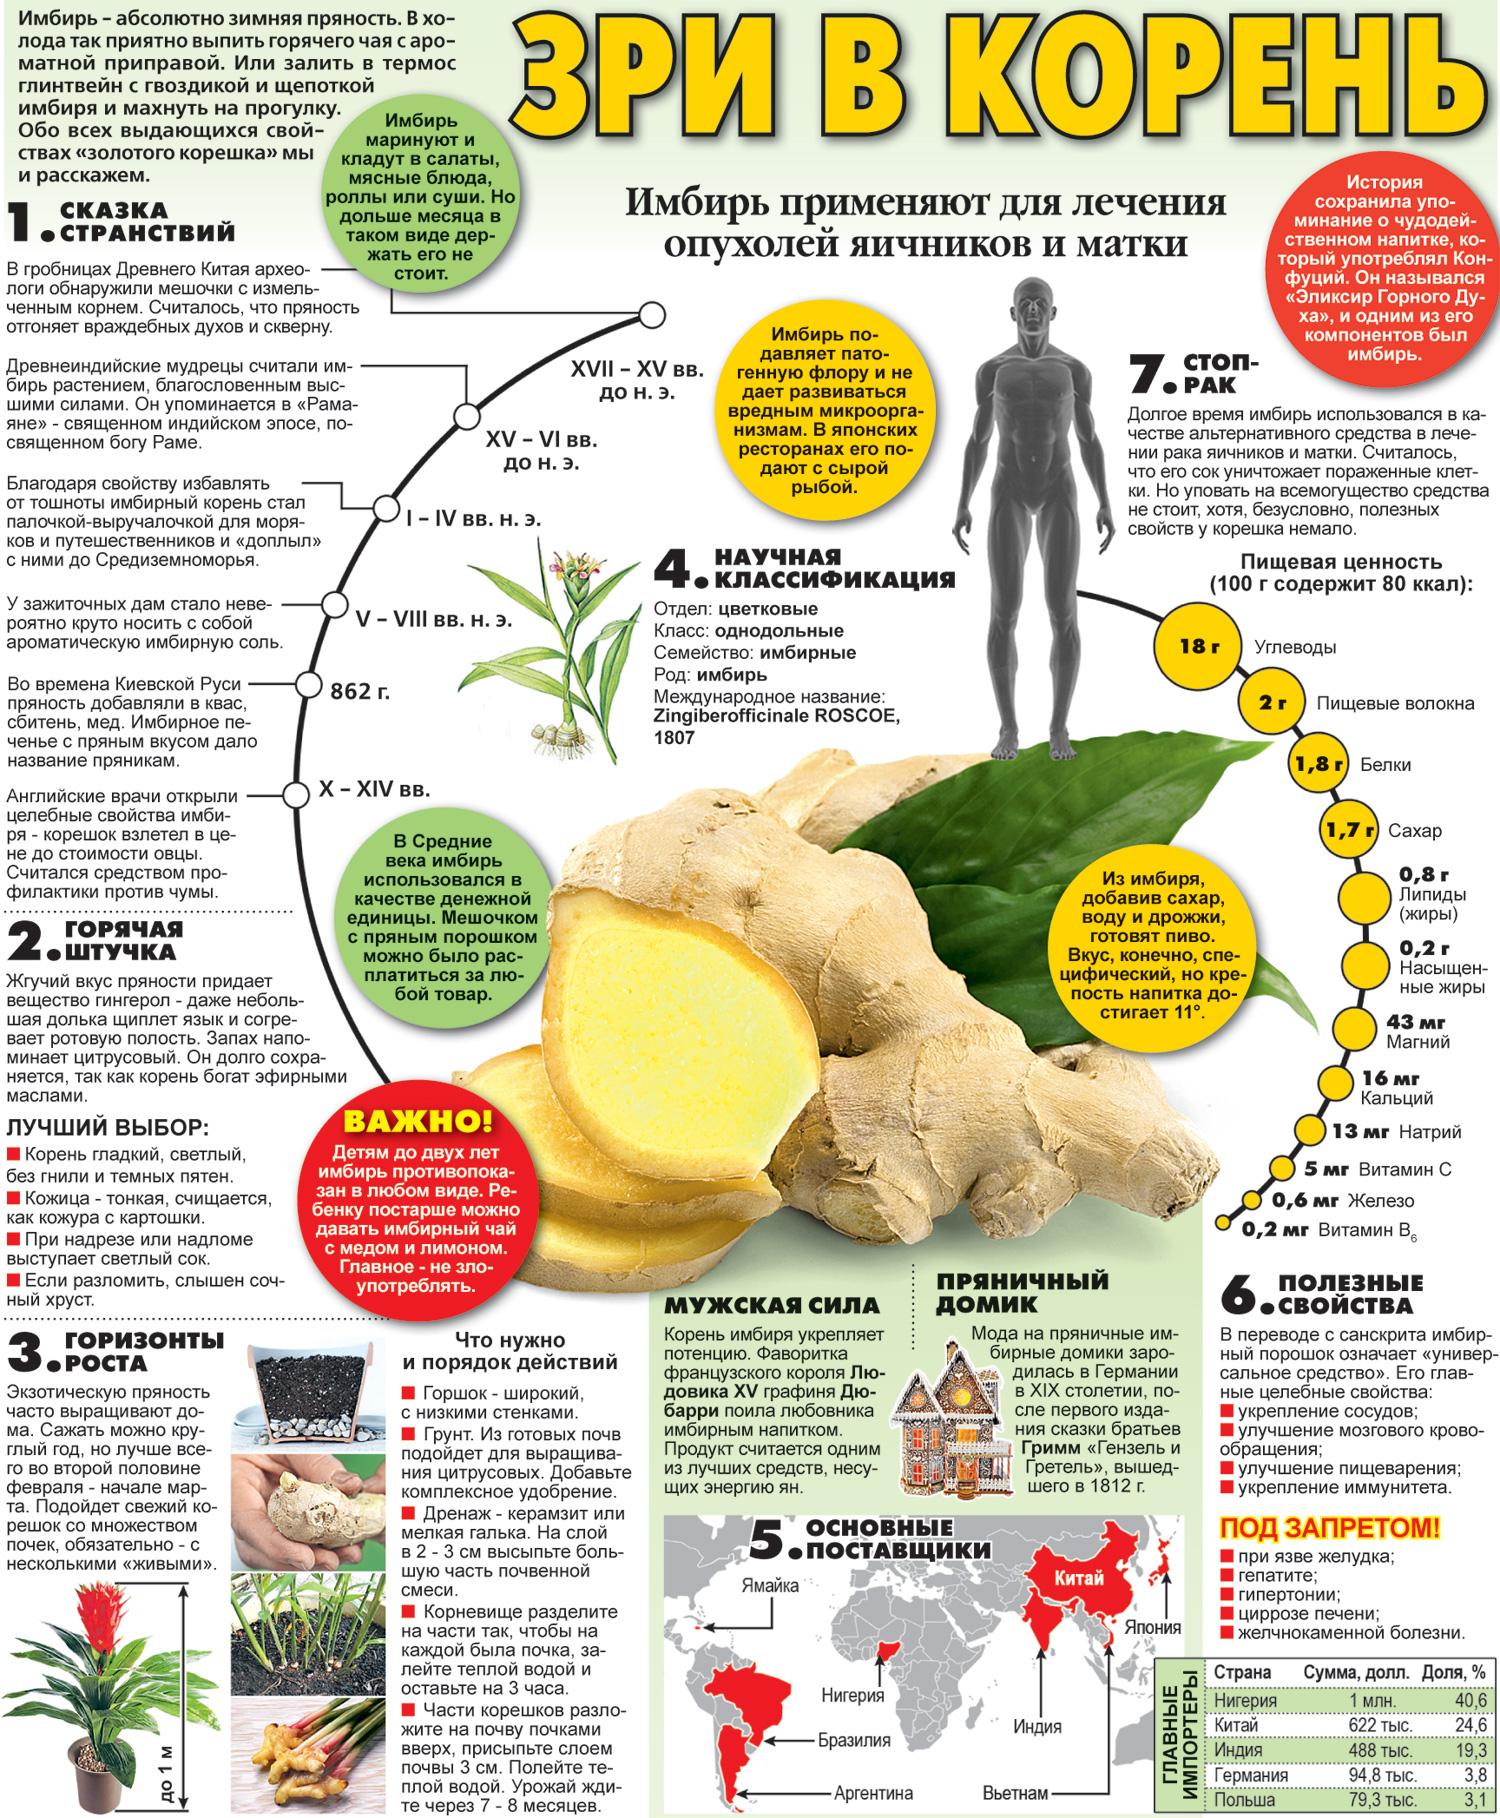 Корень имбиря: полезные свойства и противопоказания, лечебные свойства и вред